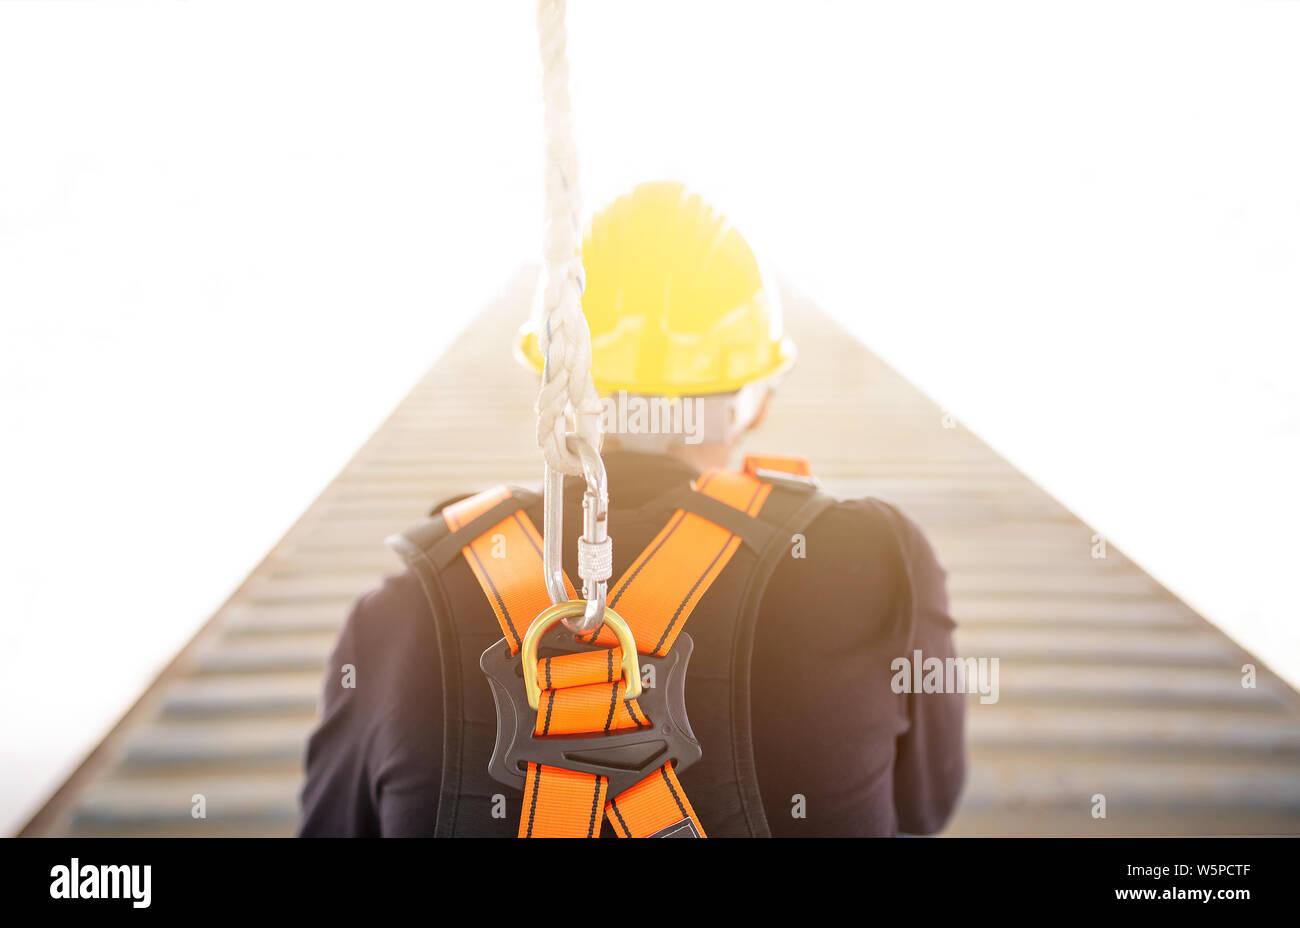 Industrielle Arbeiter mit Sicherheit Schutzausrüstung Schleife in seinem Rücken, Sicherheitskonzept Stockfoto